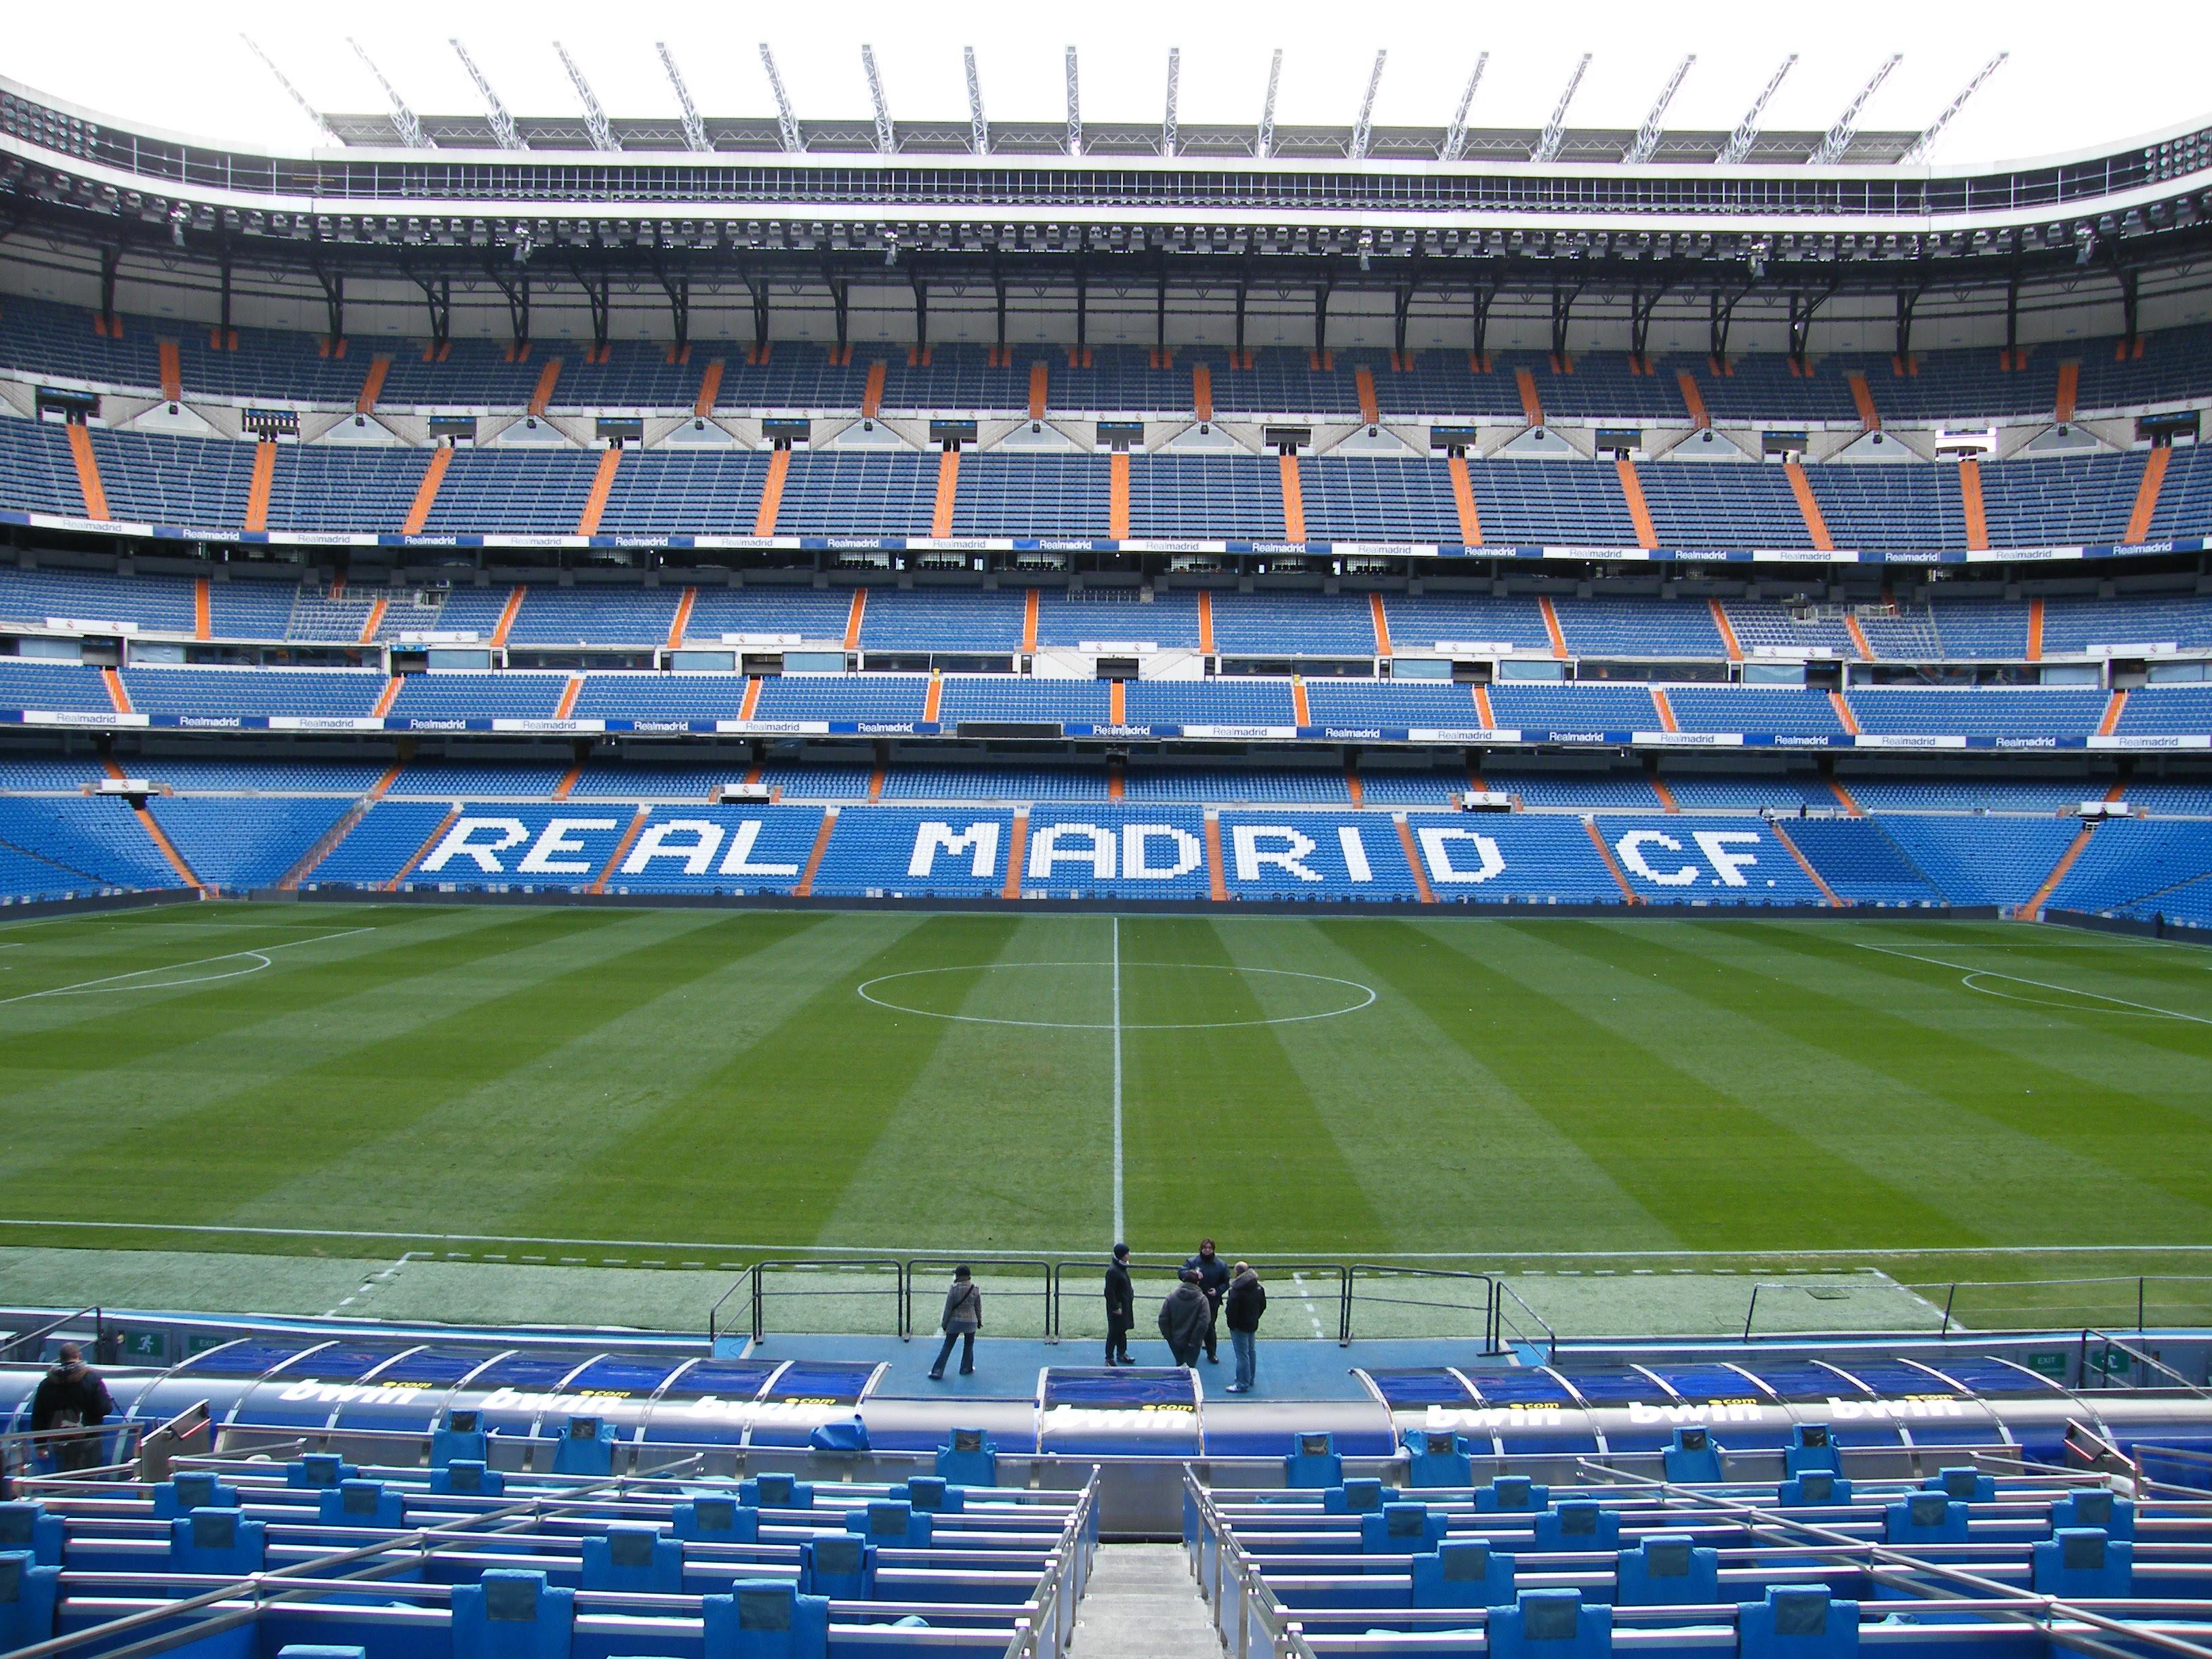 Final da Libertadores será dia 9 no estádio do Real Madrid, diz jornal argentino